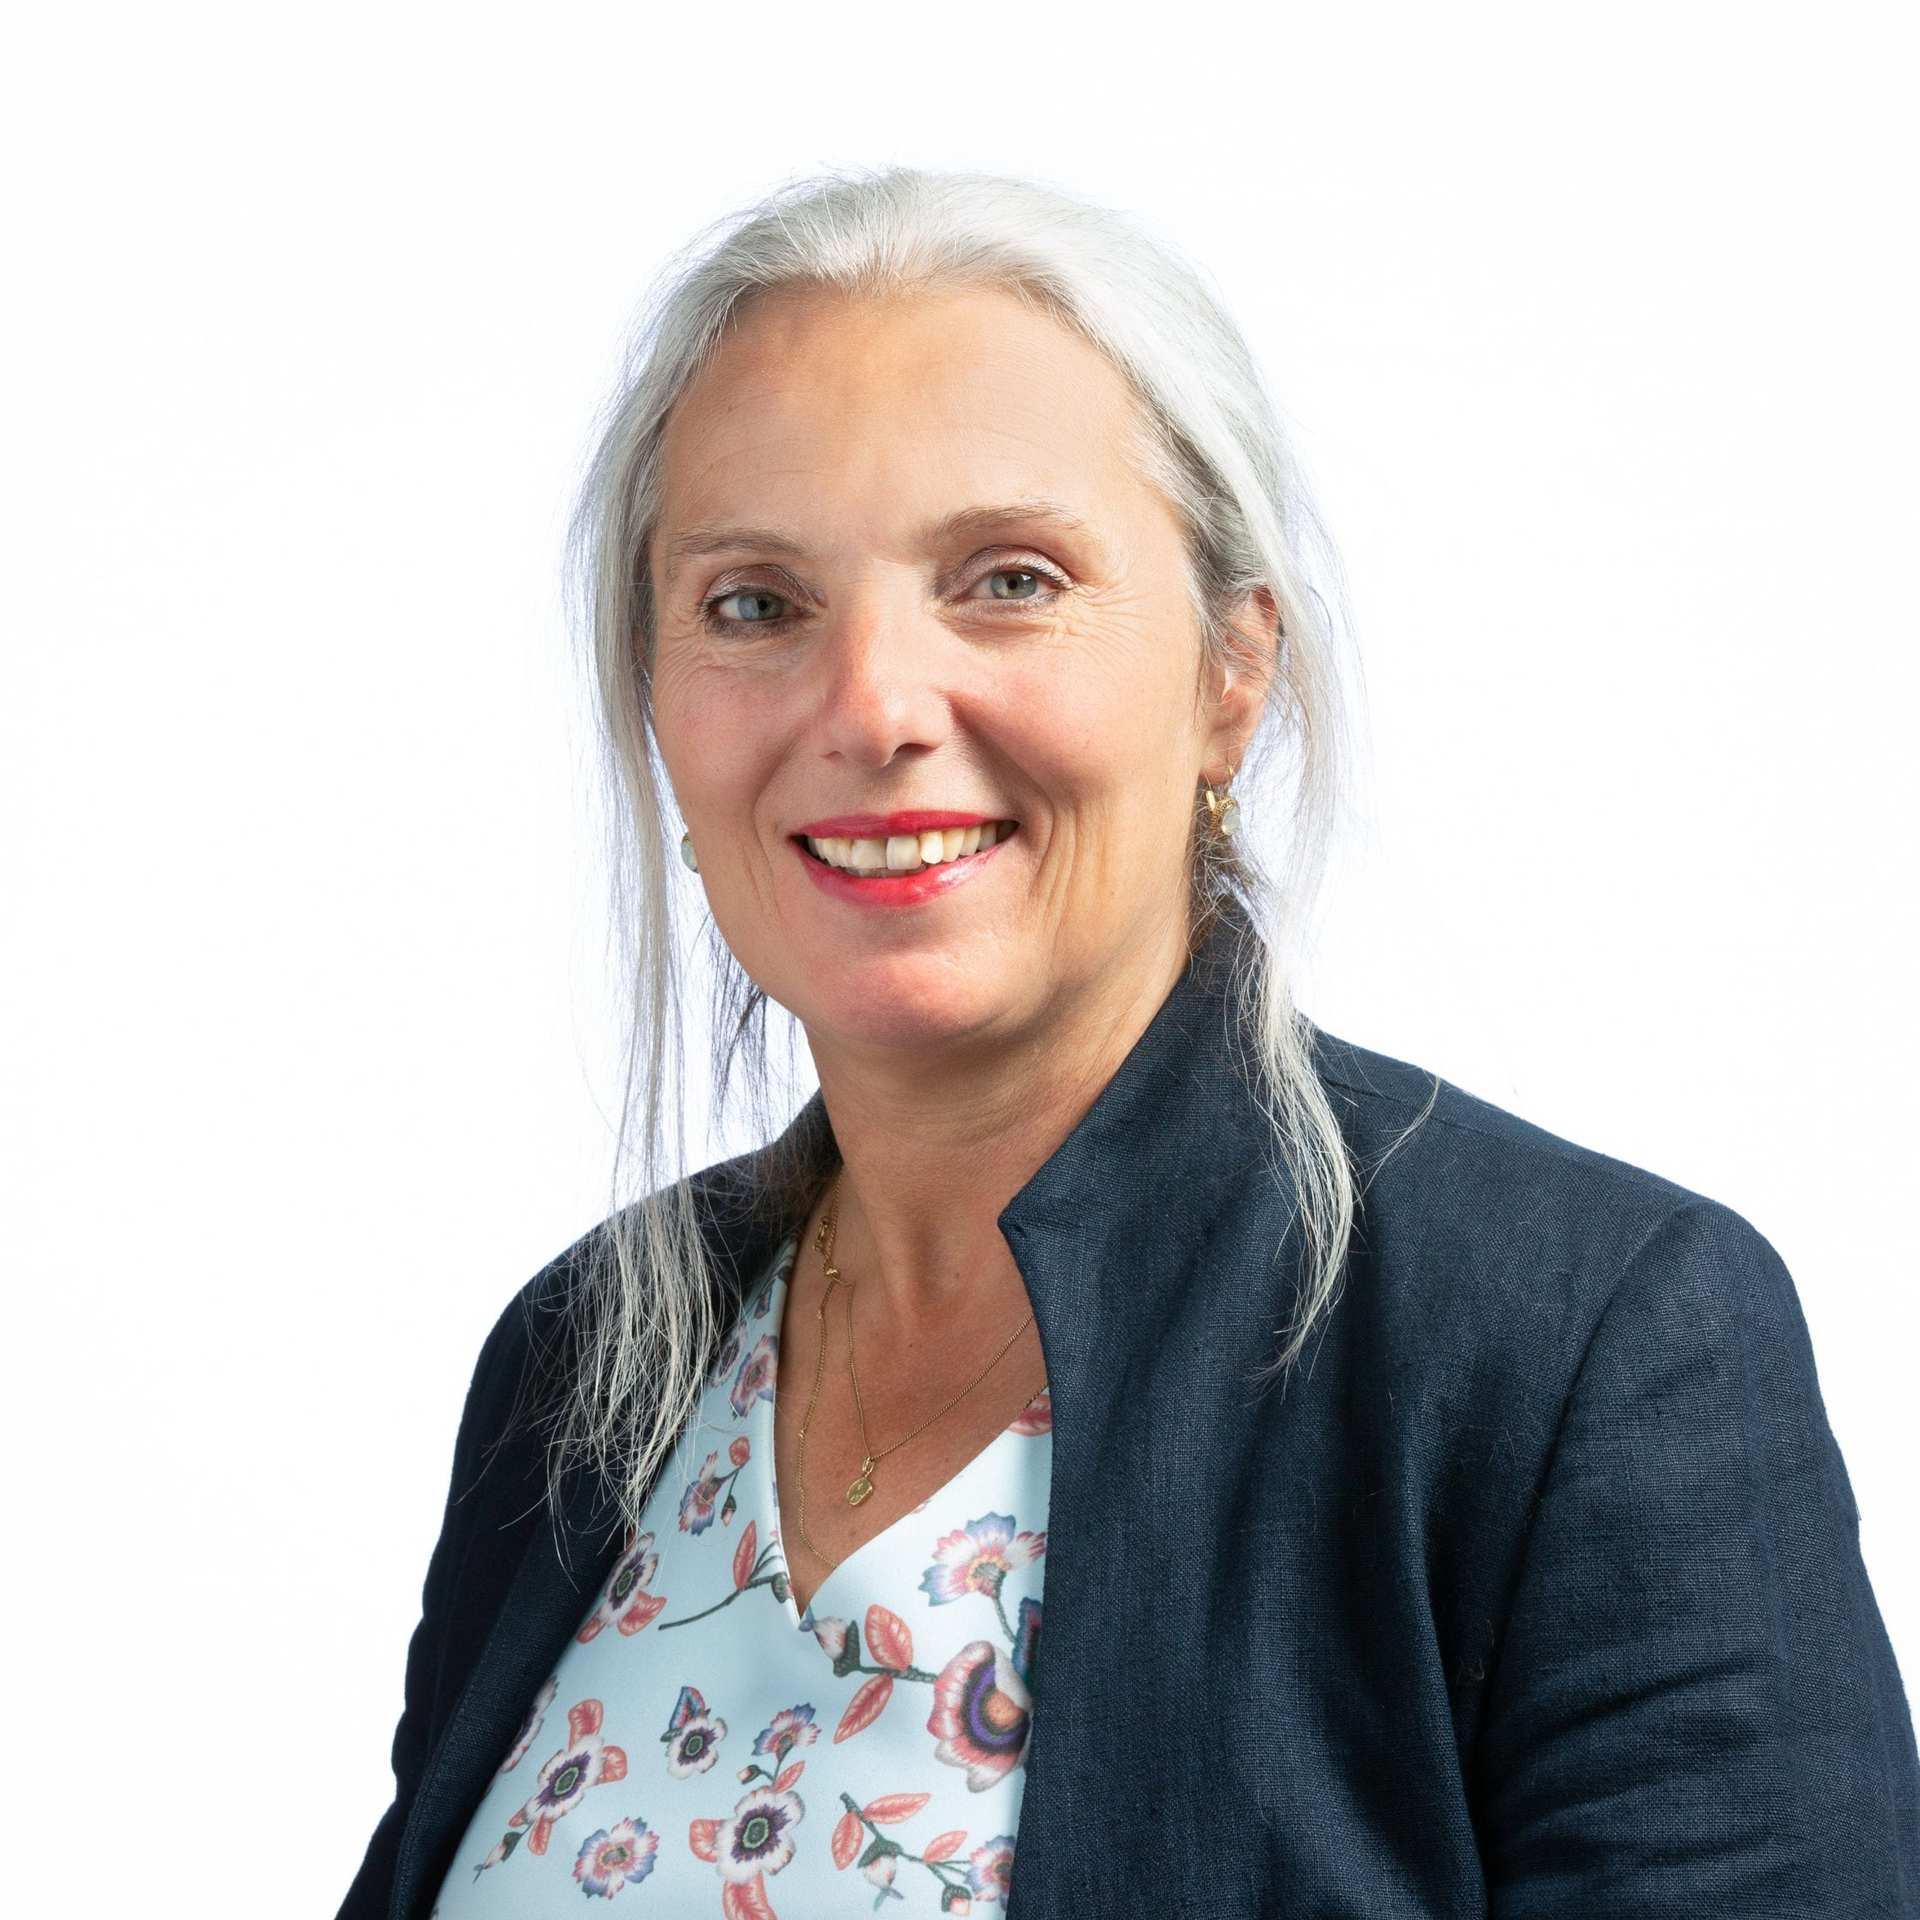 Angeline Beugelsdijk